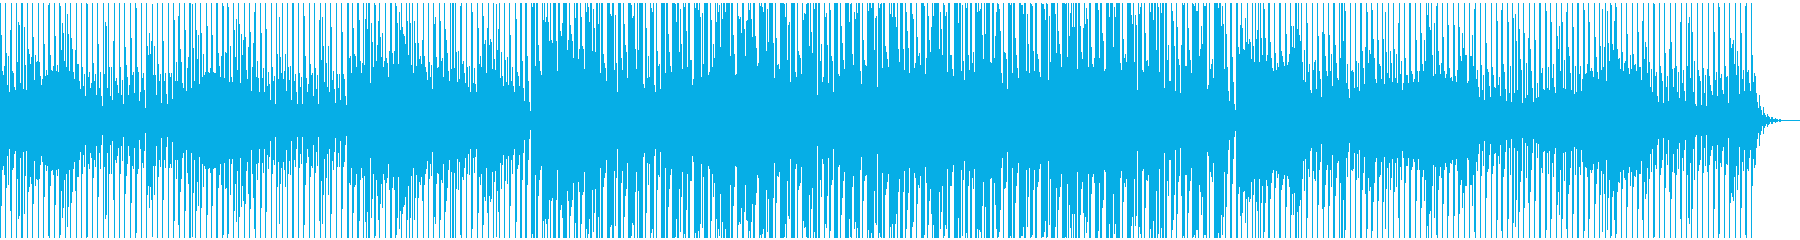 力強く、東洋的なEDMサウンドの再生済みの波形